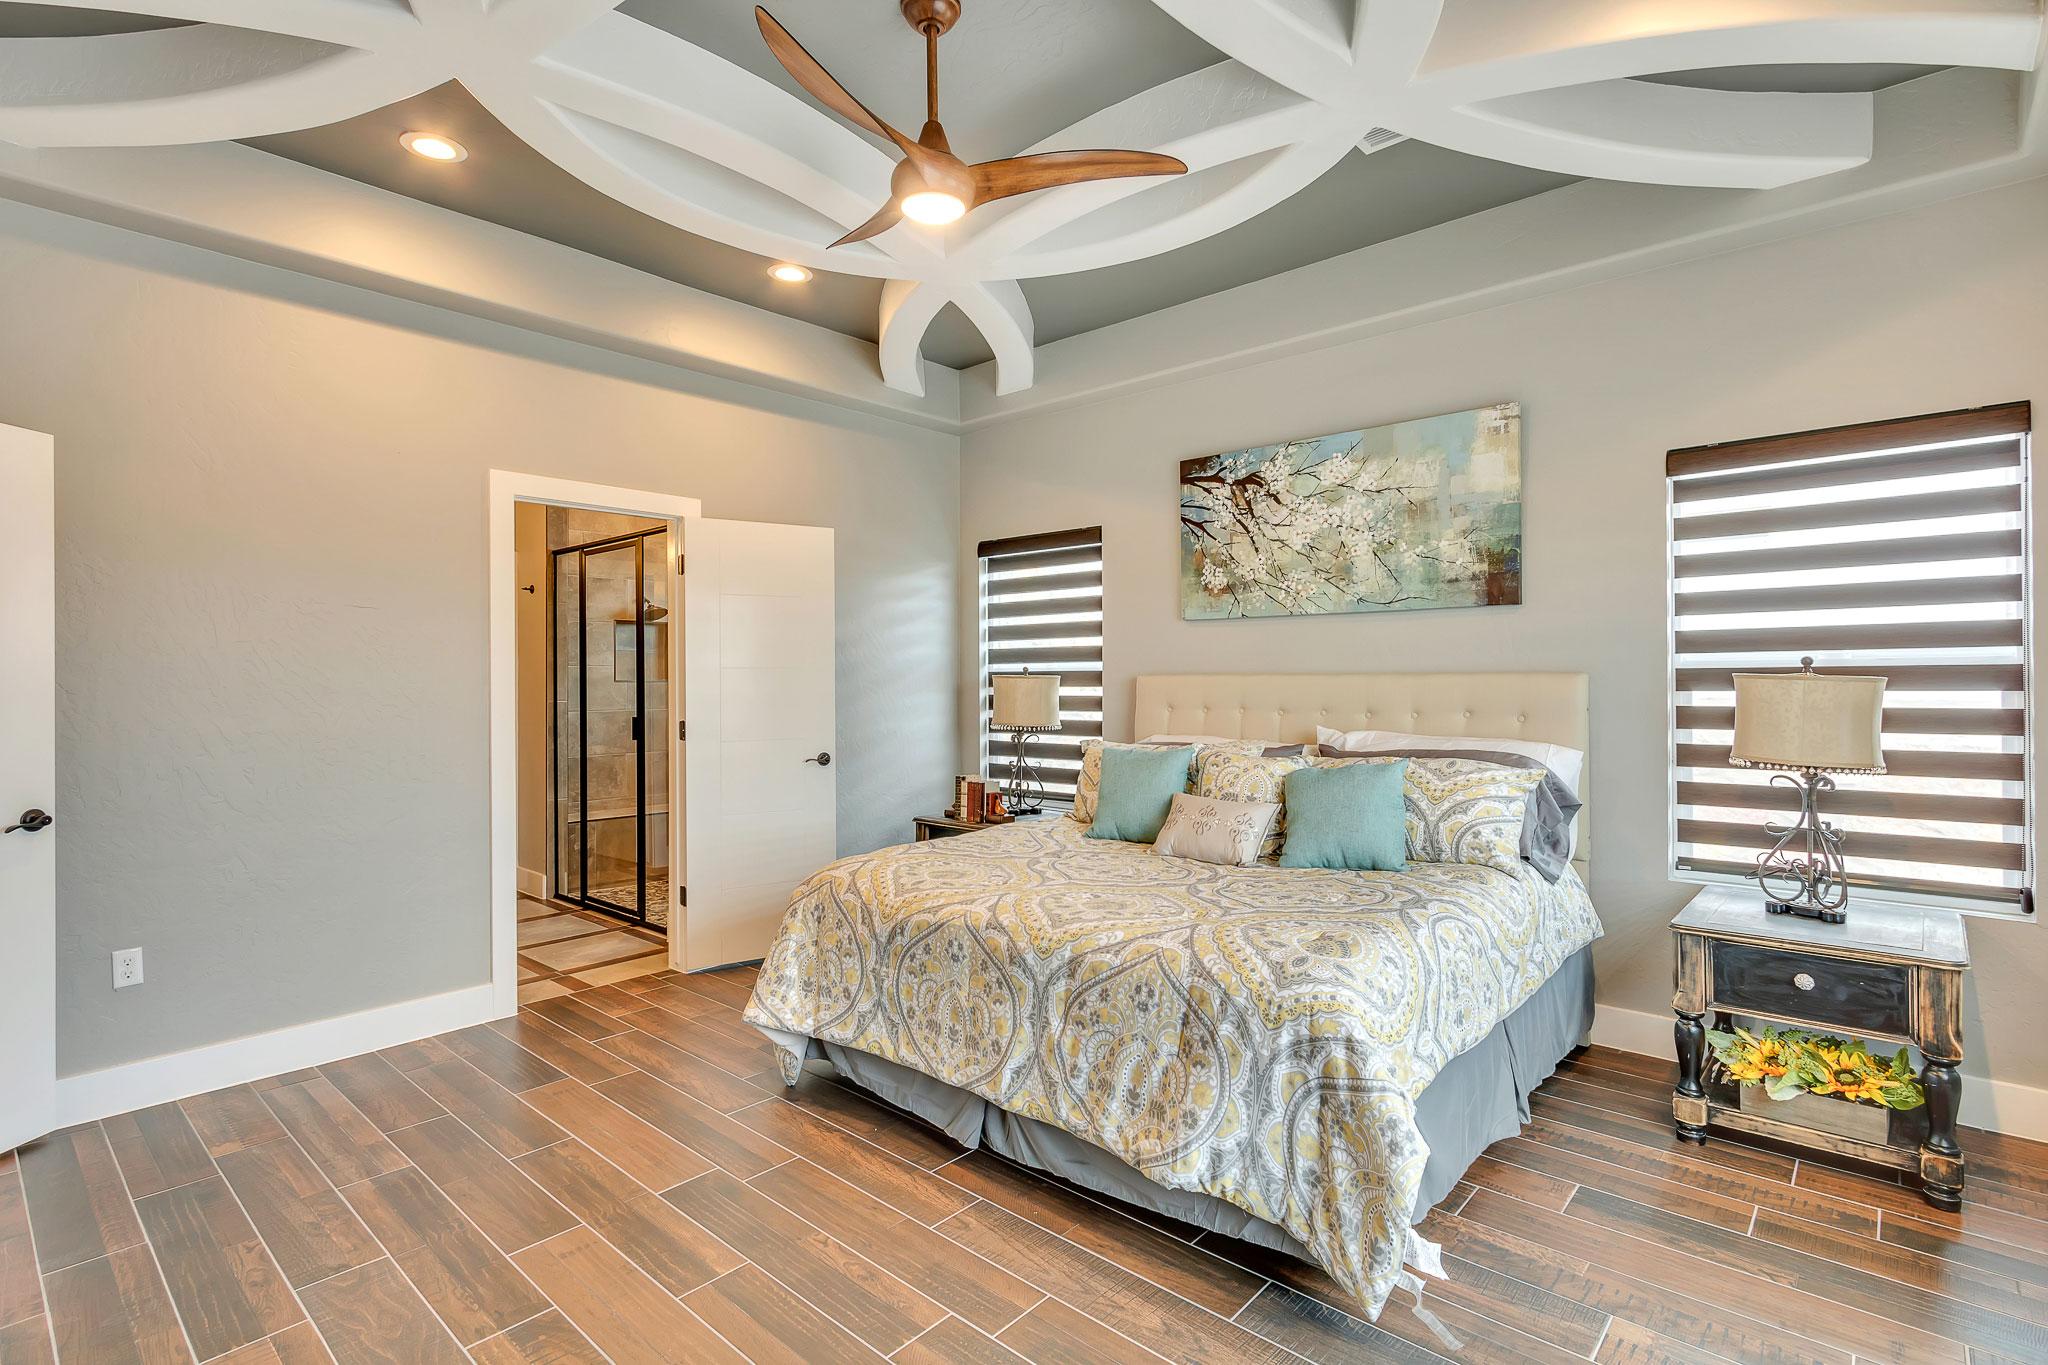 Custom Ceiling in New Home Bedroom El Paso TX